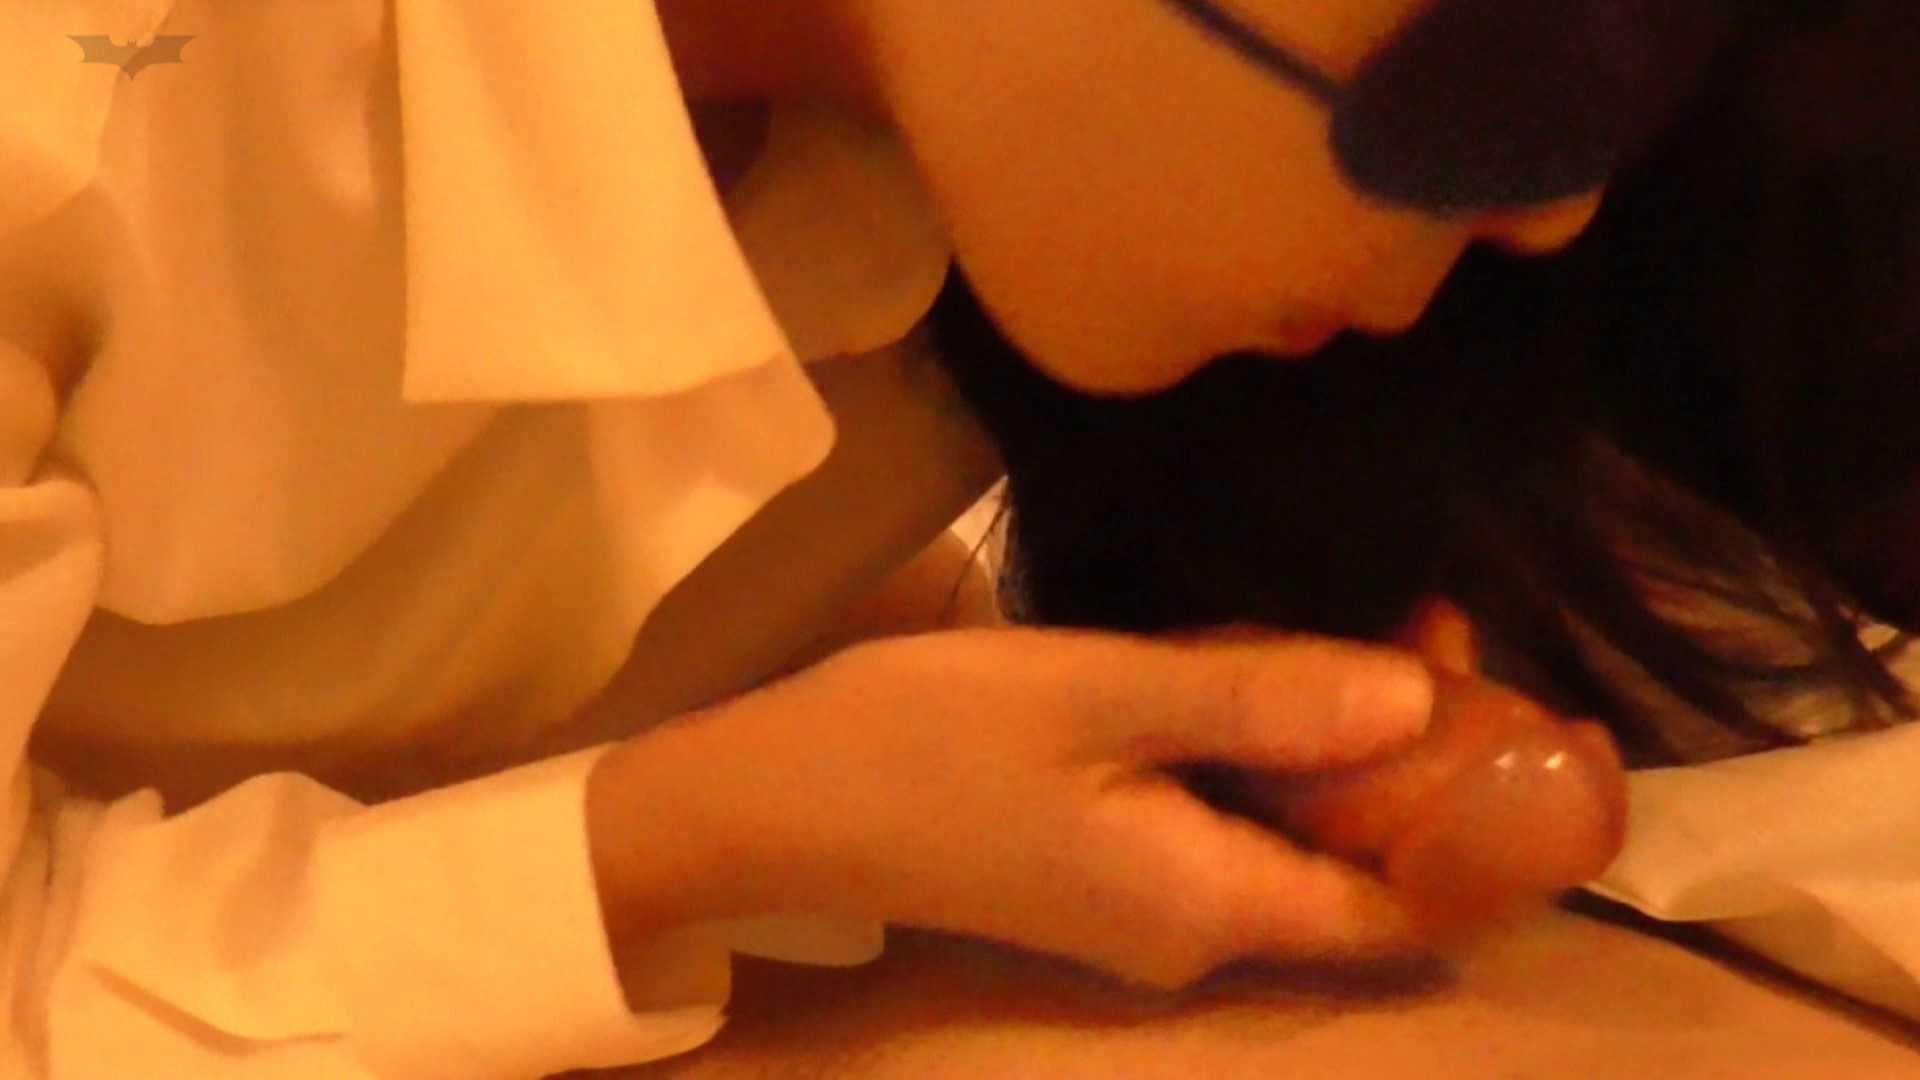 内緒でデリヘル盗撮 Vol.01前編 えっろいデリ嬢がチュパチュパごっくん! 盗撮  105PIX 72